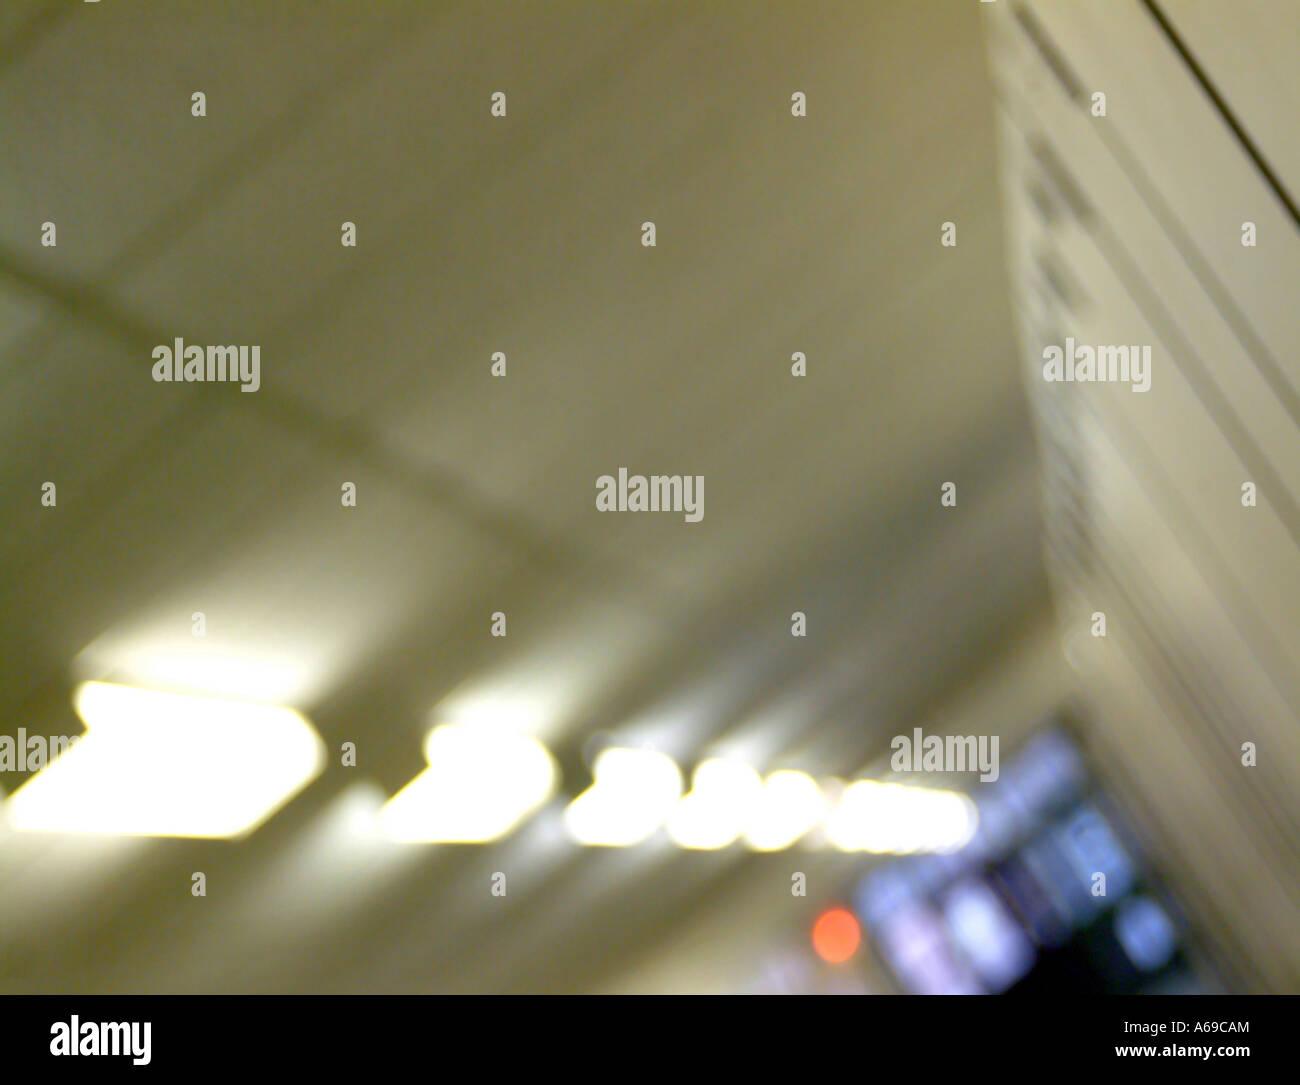 Sfocata astratta architettonico del corridoio di illuminazione. Immagini Stock